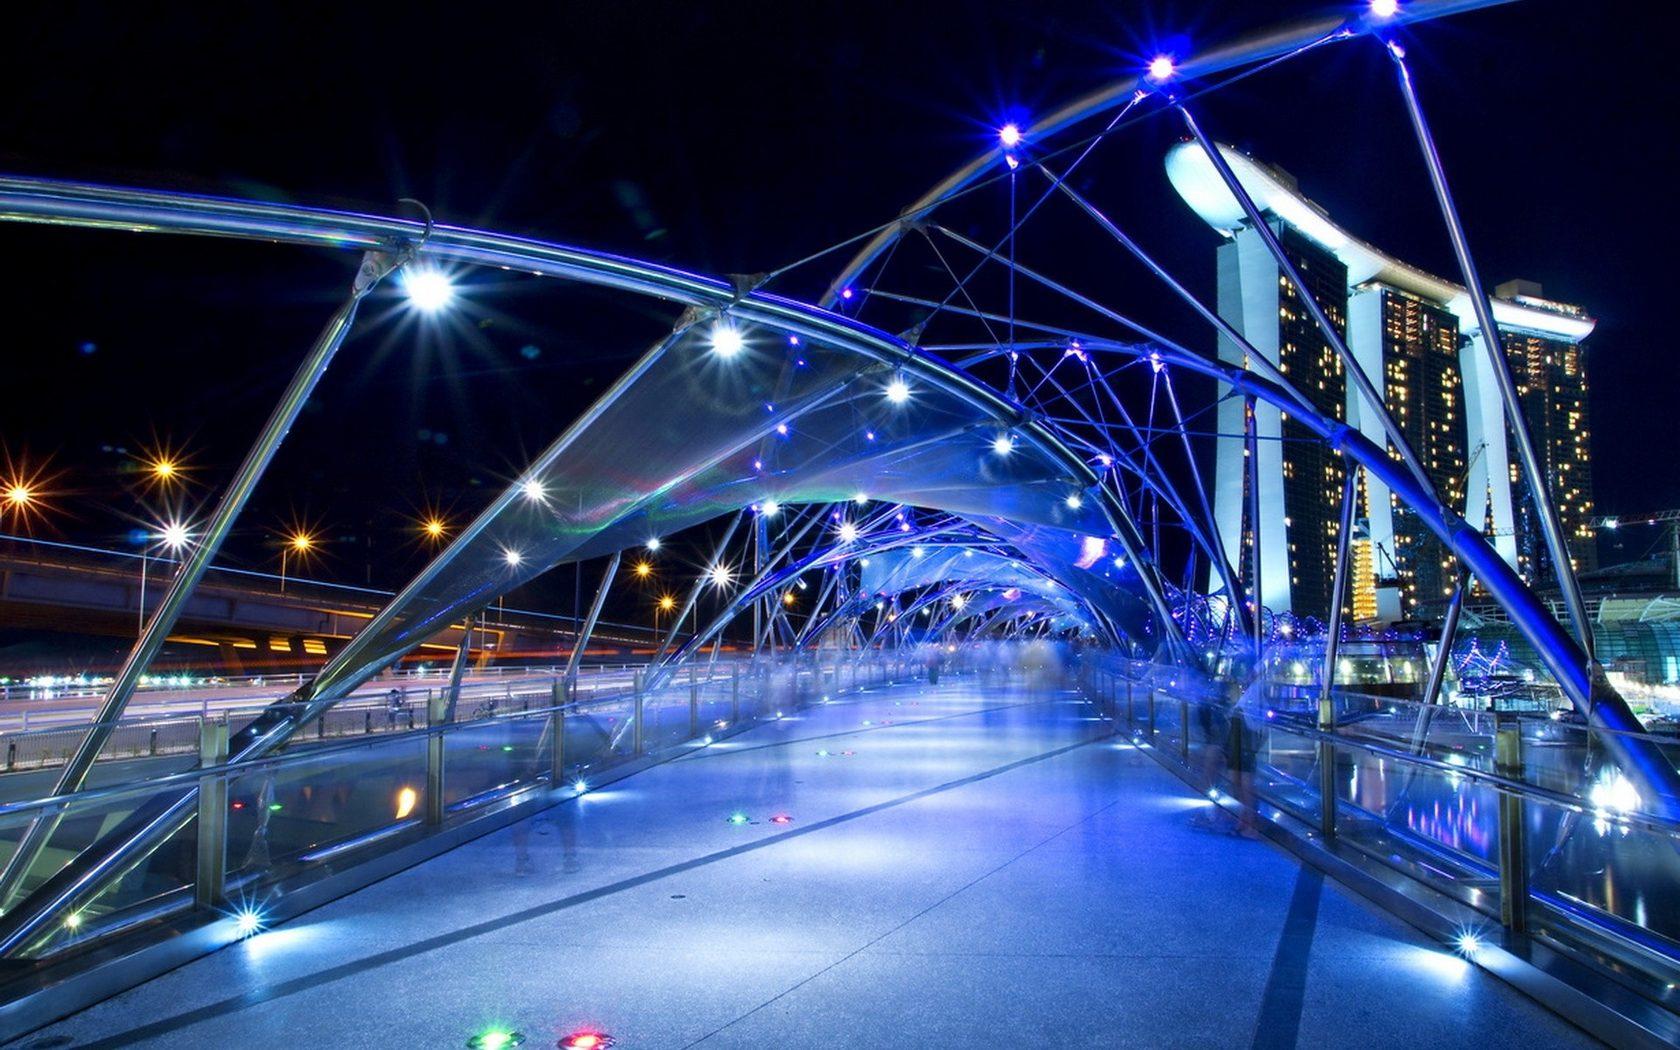 Обои Вода, красота, набережная, ночь, шоу, красота, освещение. Города foto 9